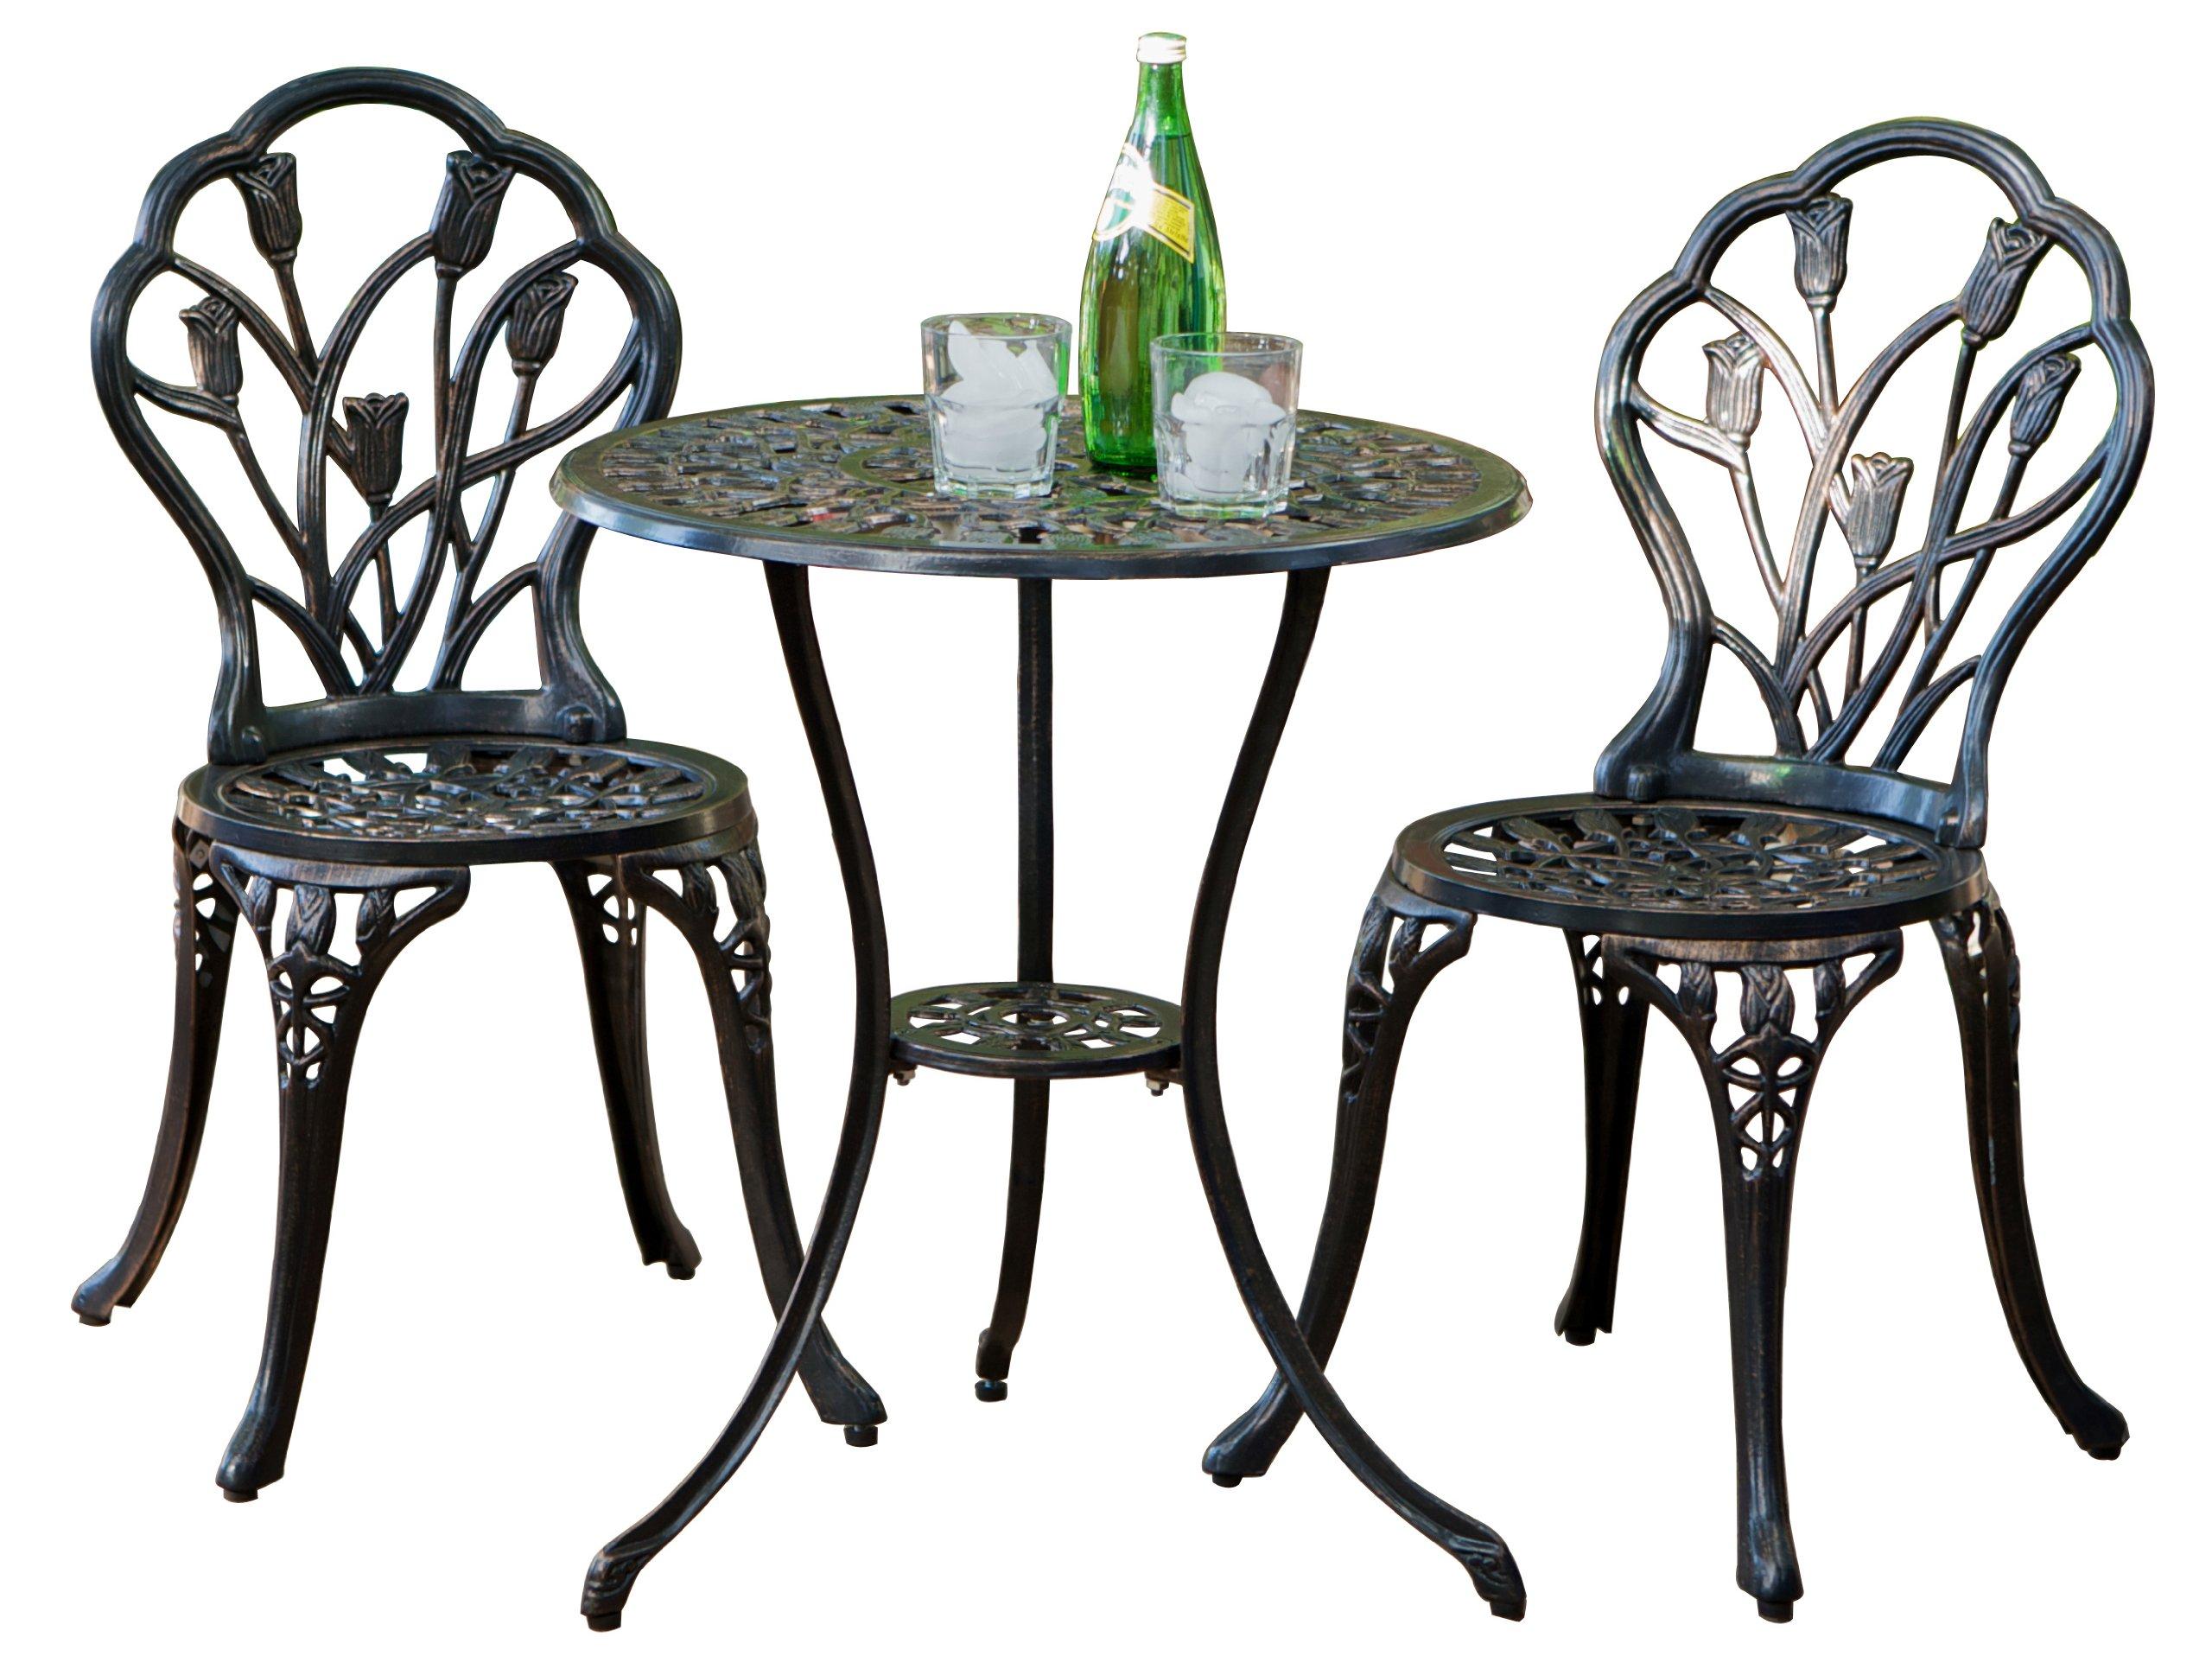 Amazon com best selling nassau cast aluminum outdoor bistro furniture set brown garden outdoor